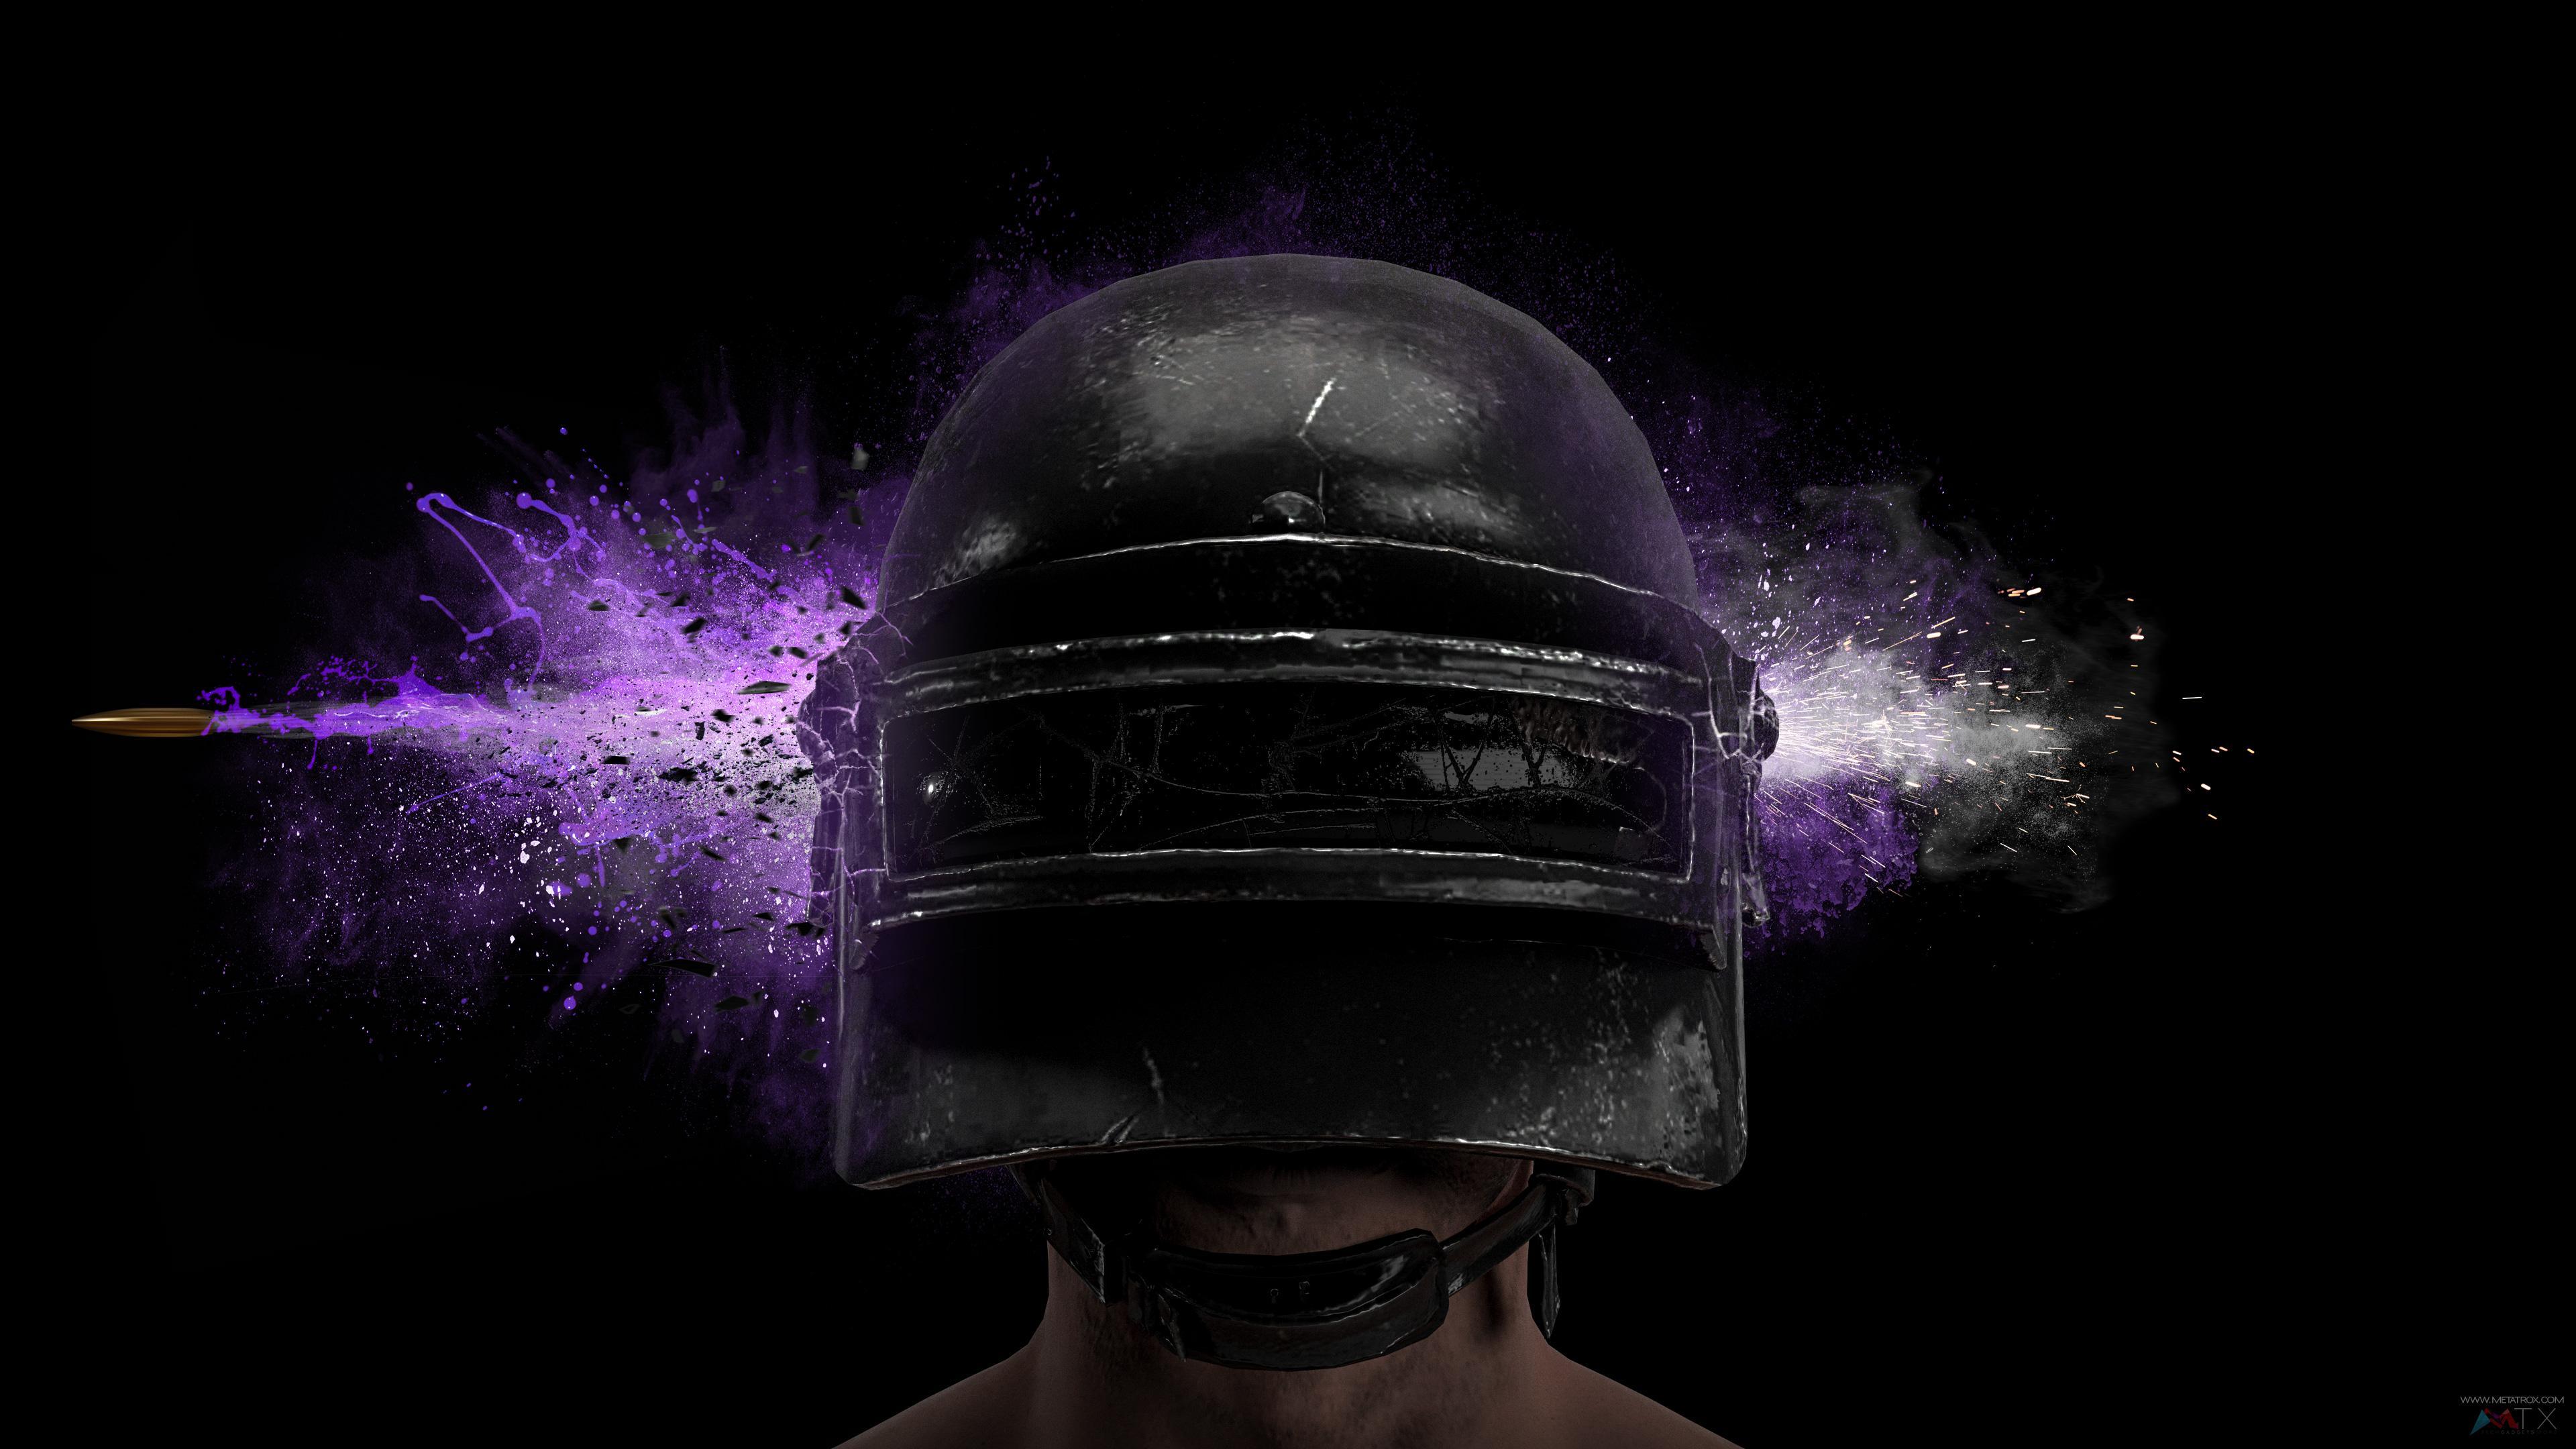 Pubg Helmet Wallpapers Top Free Pubg Helmet Backgrounds